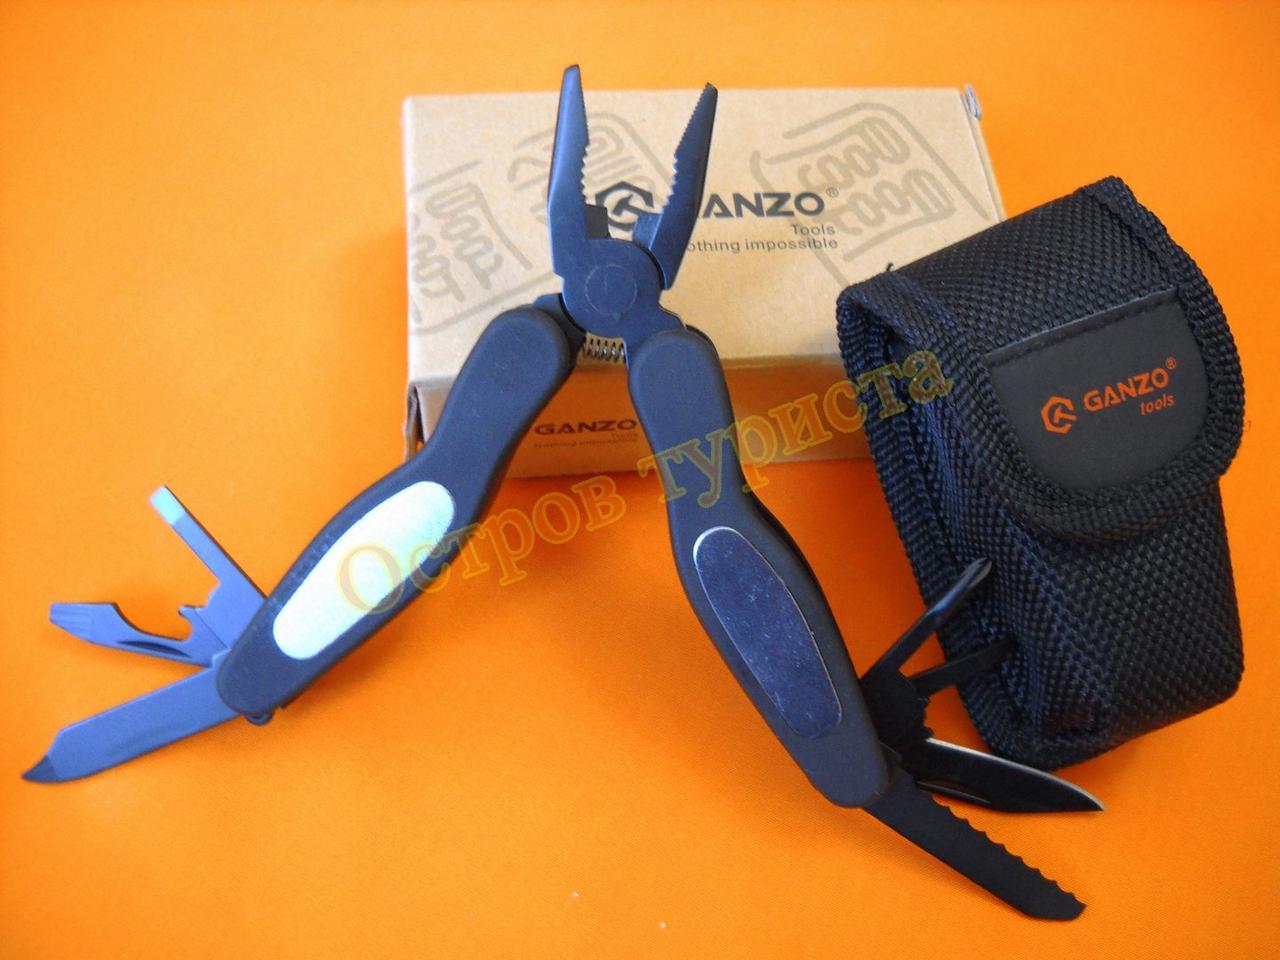 Мультитул Ganzo G2020S 11 инструментов с чехлом